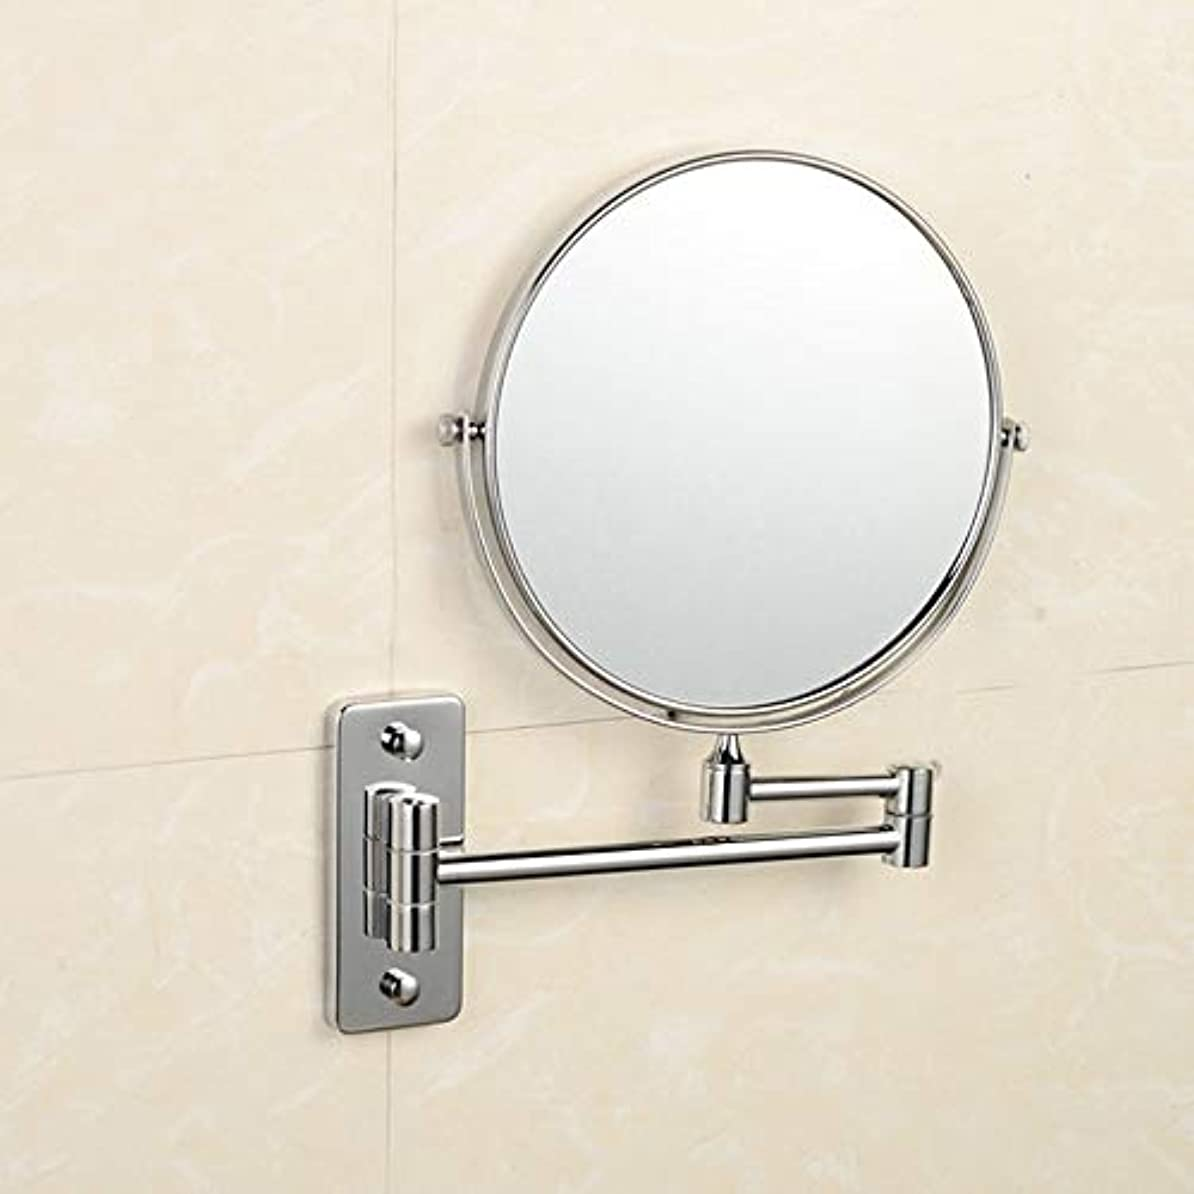 けがをする廃棄する人道的流行の 銅浴室鏡折りたたみ伸縮性格人格美人表裏面360度回転壁掛け虫眼鏡ミラーシルバーホームビューティーミラー浴室